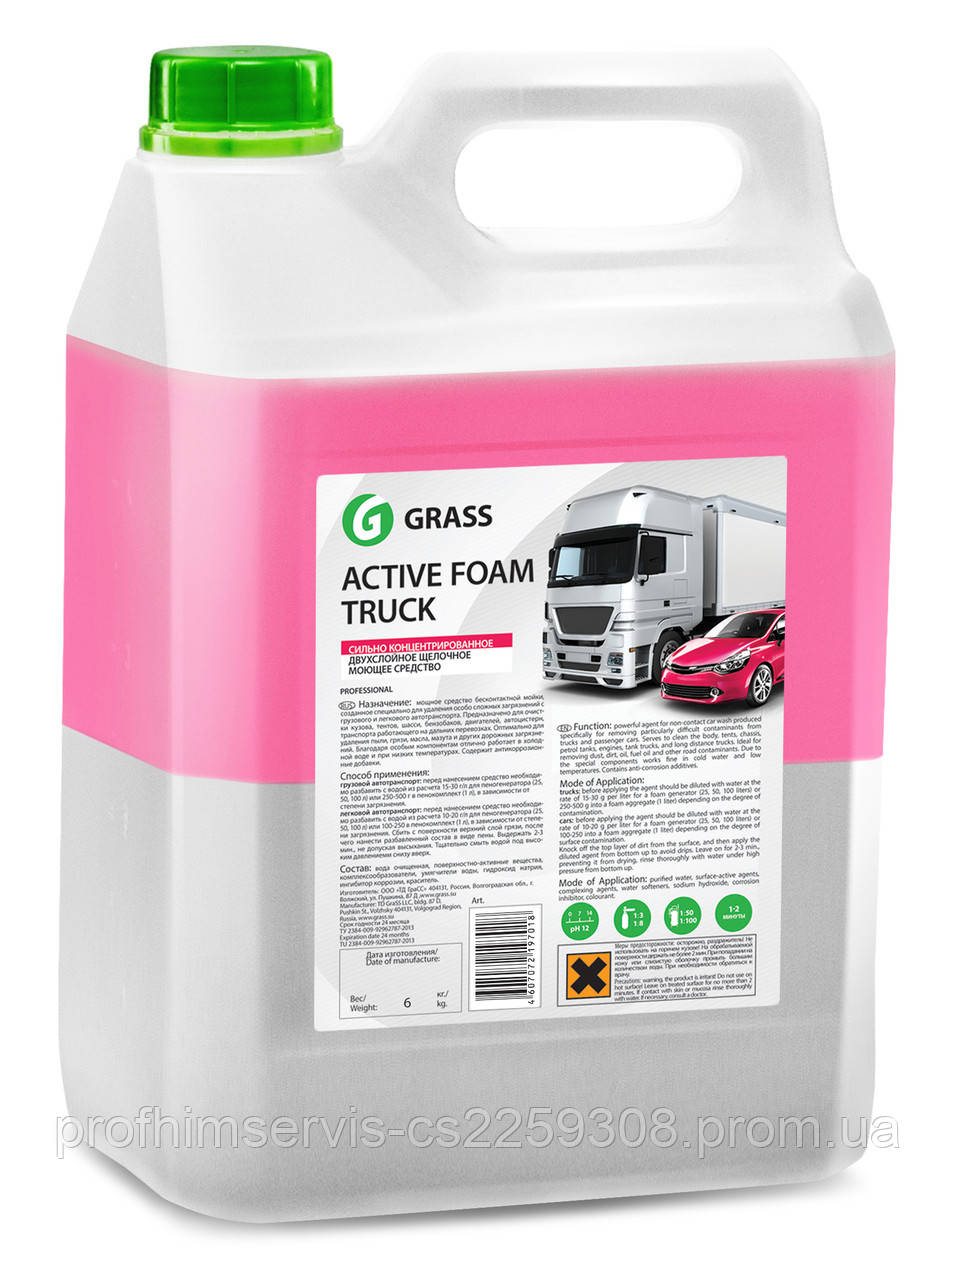 GRASS Авто шампунь для бесконтактной мойки авто Active Foam Truck 6 kg.